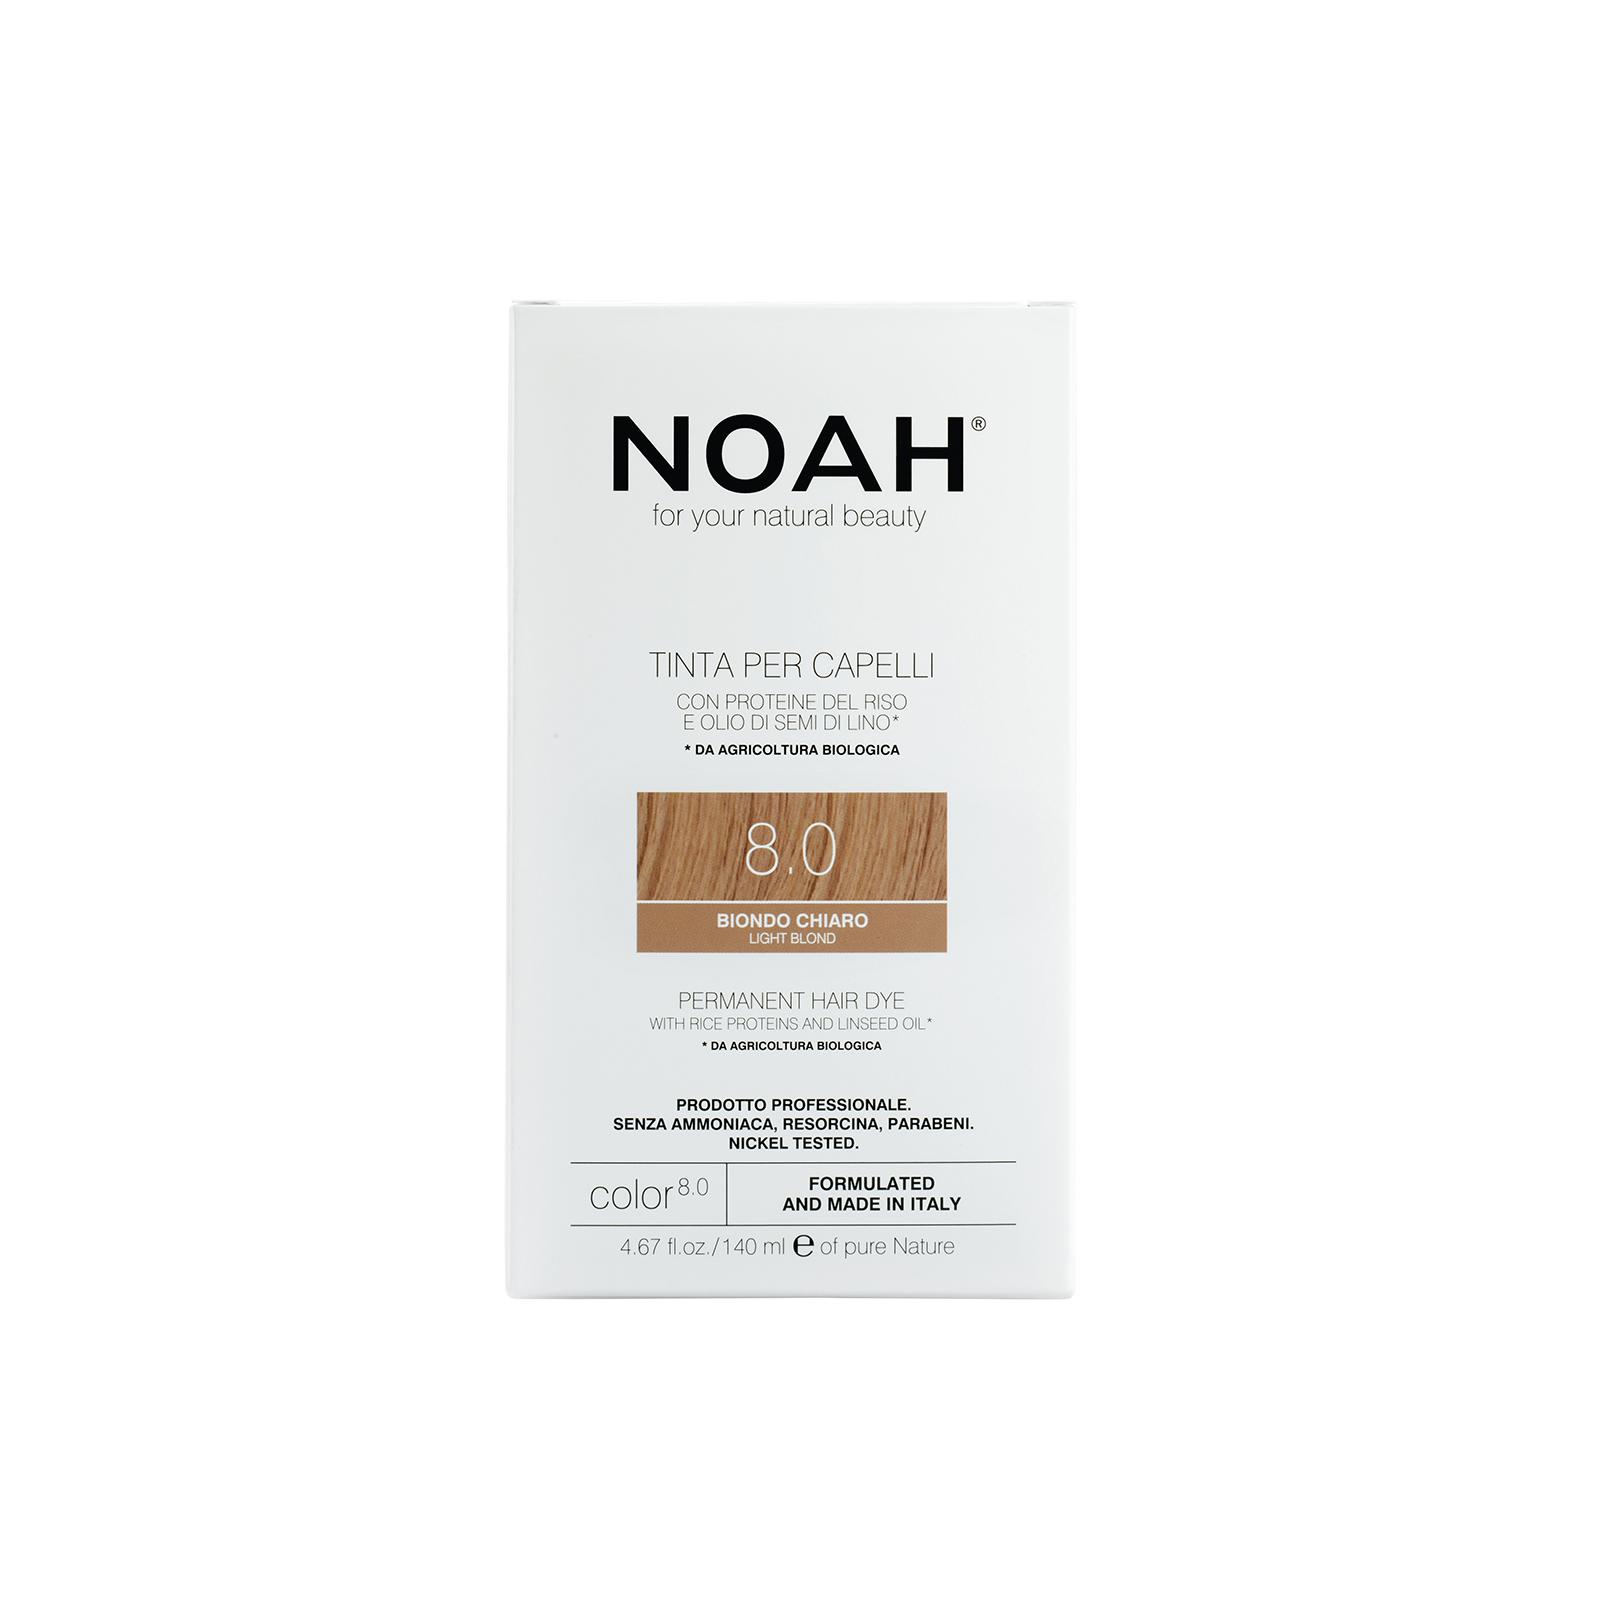 Plaukų dažai NOAH (8.0 šviesi blondinė), 140ml